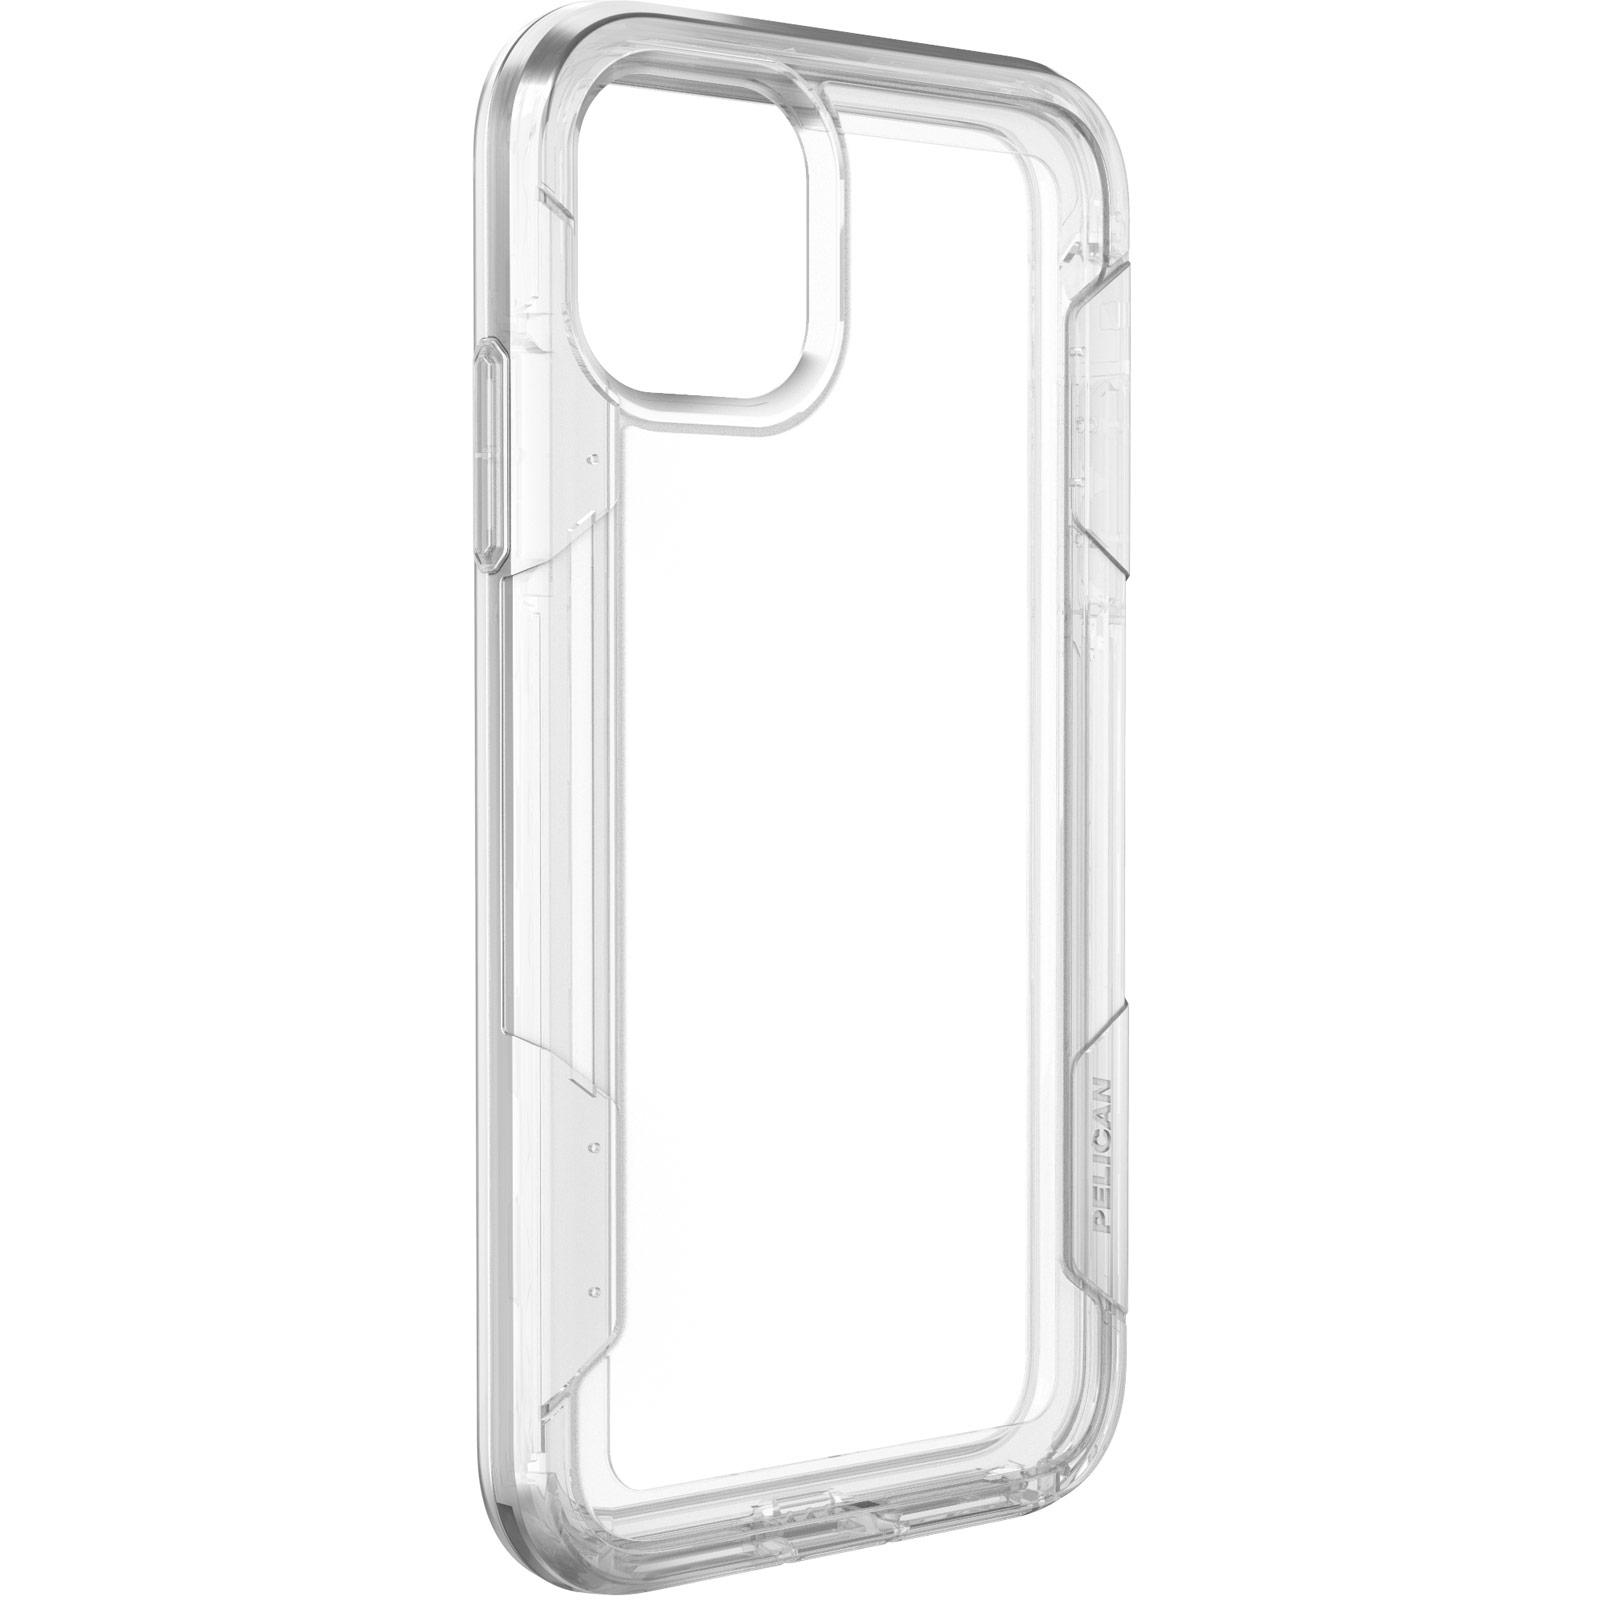 pelican c57030 iphone screen protector case